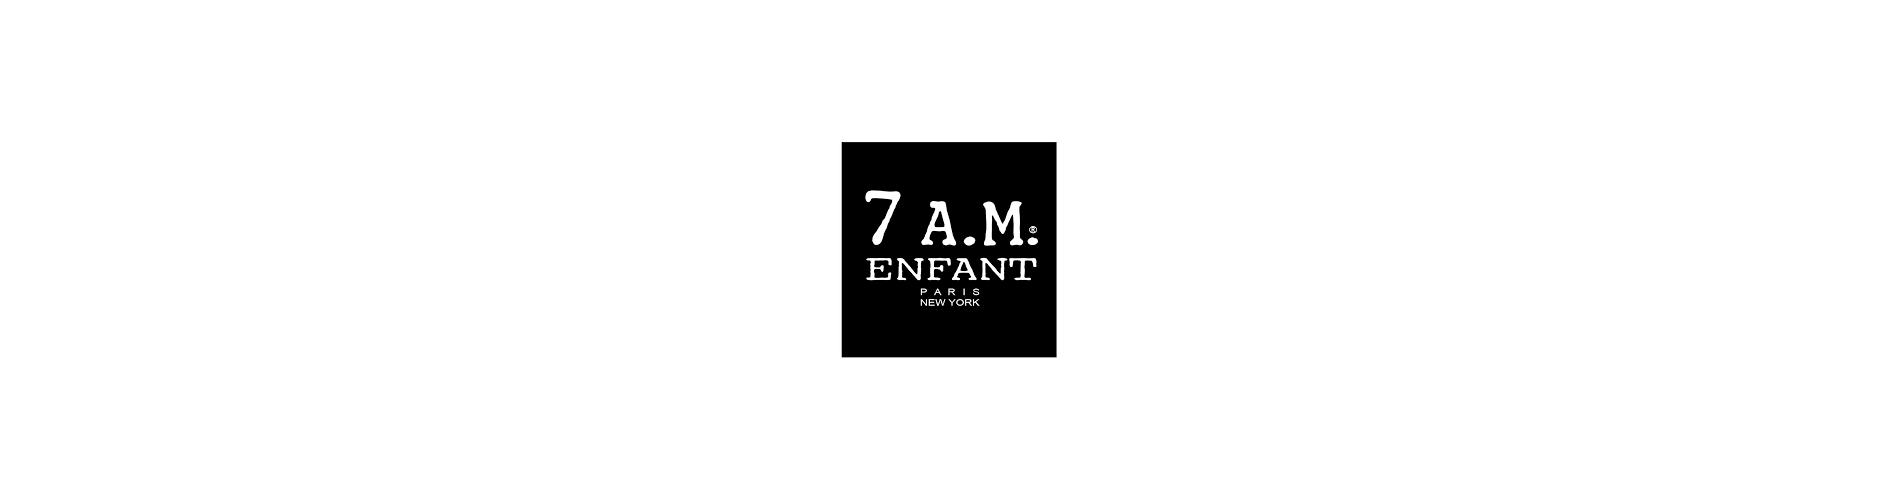 7 A.M. Enfant